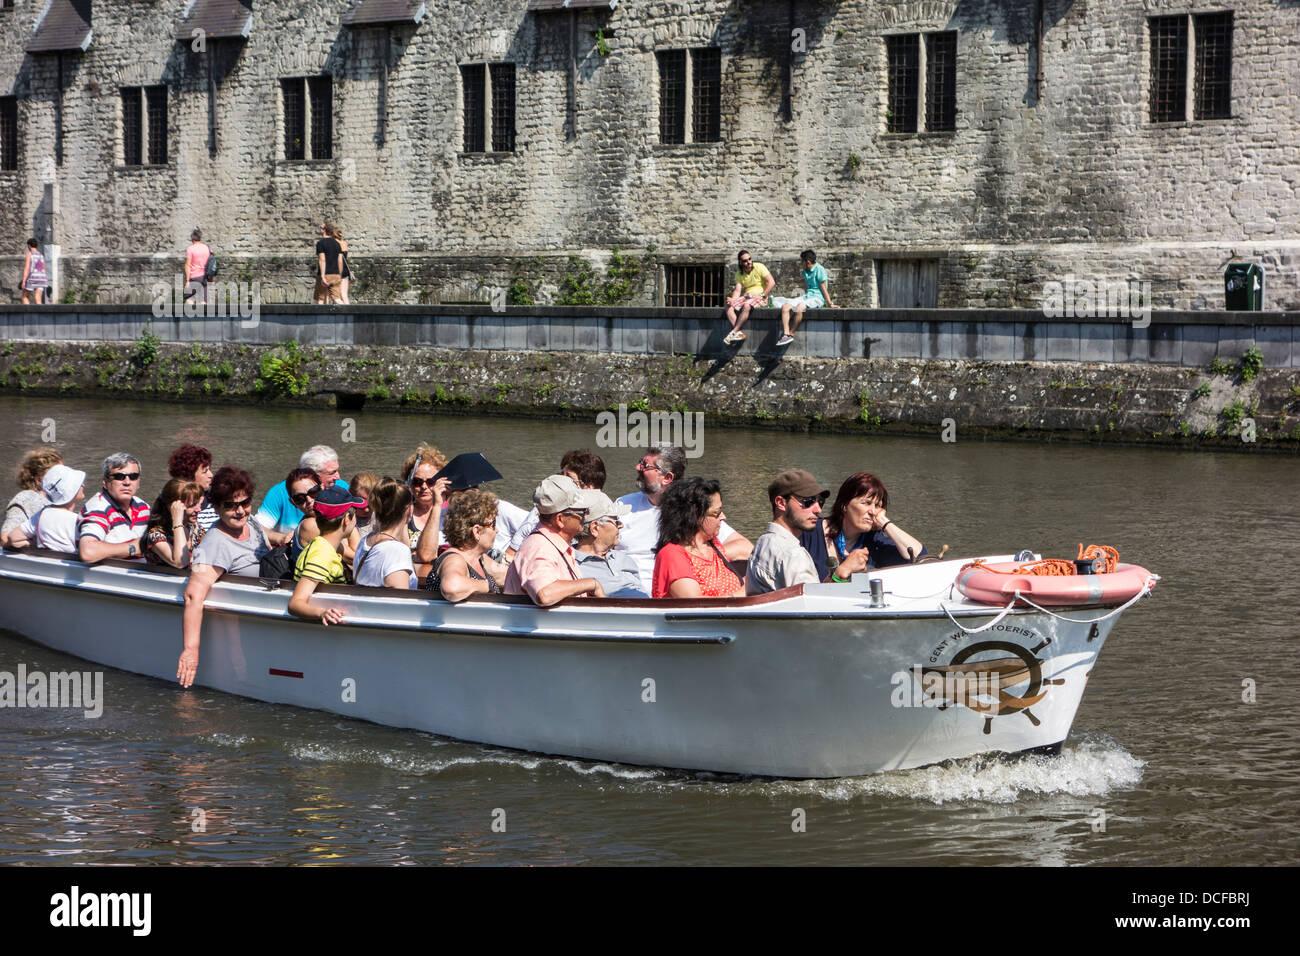 Los turistas en bote sobre el río Leie / Lys durante el viaje de turismo mirando el Groot Vleeshuis / Gran Imagen De Stock